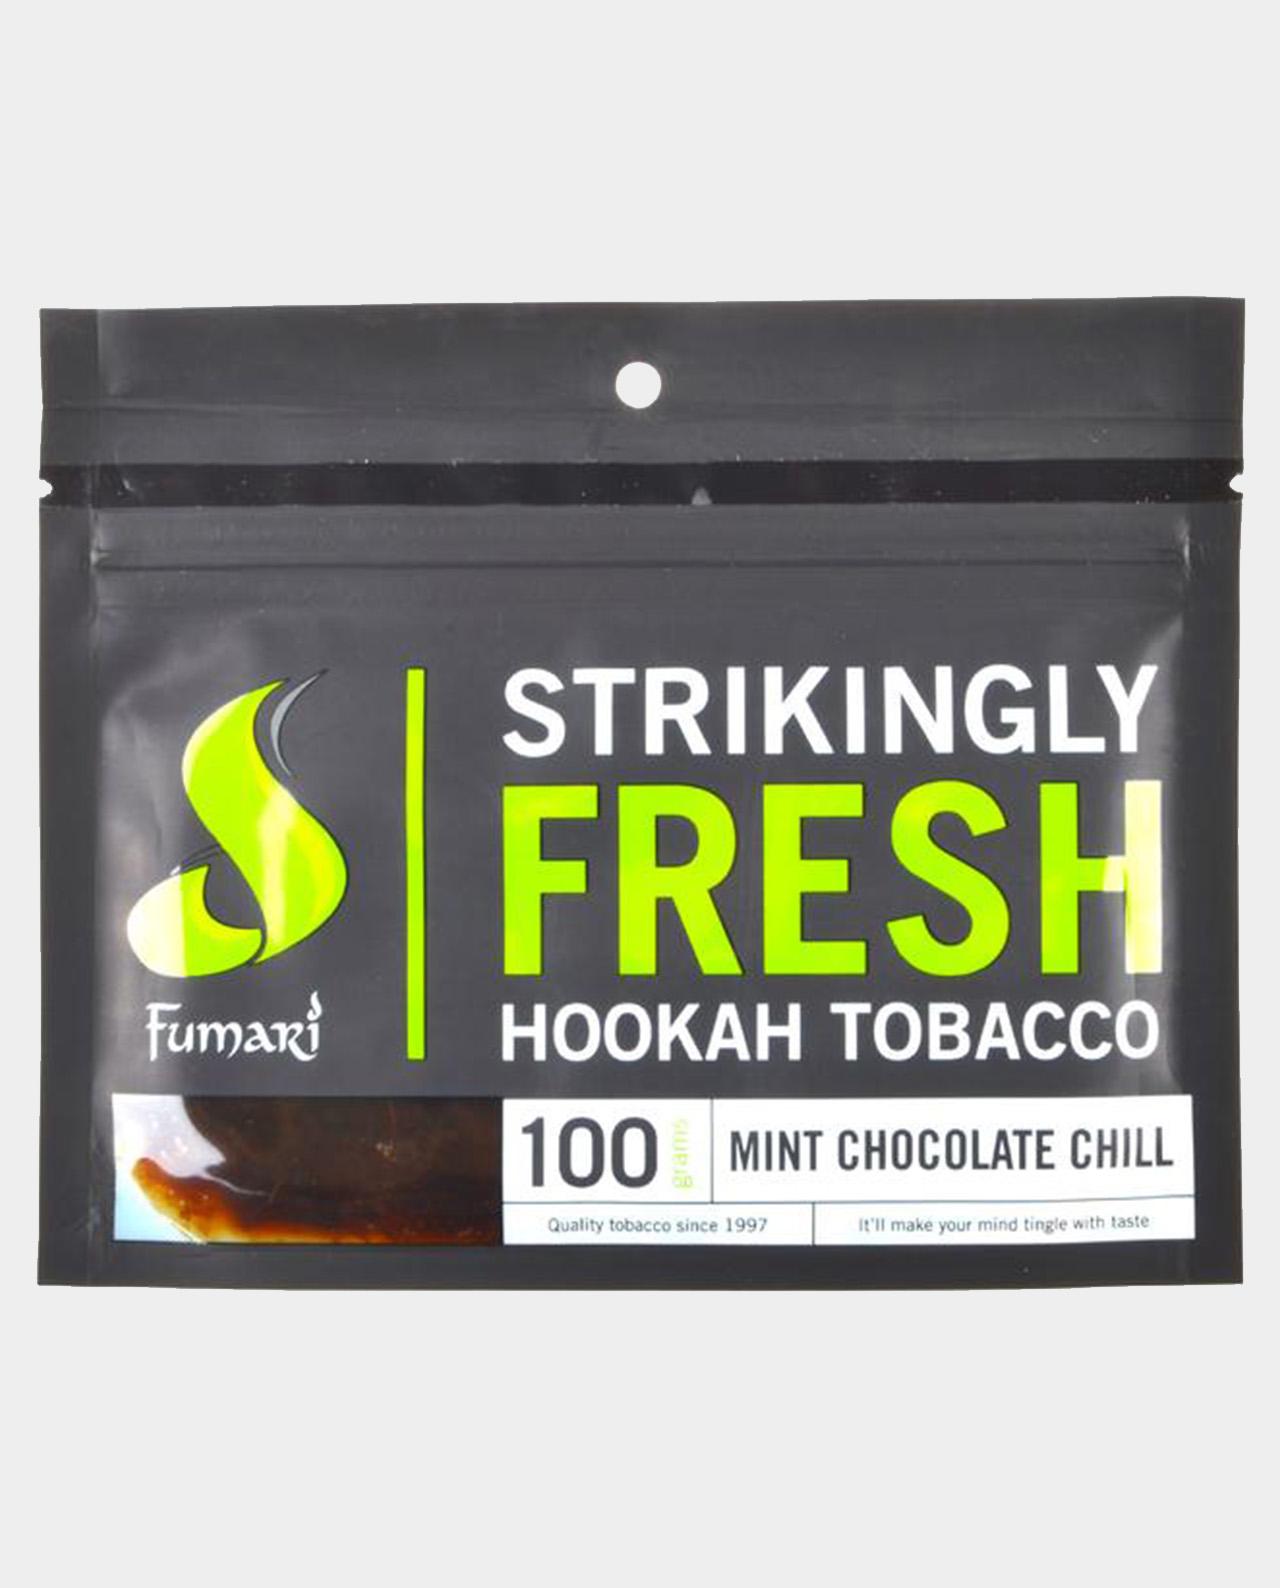 Купить оптом табак фумари купить сигареты оптом из белоруссии с доставкой